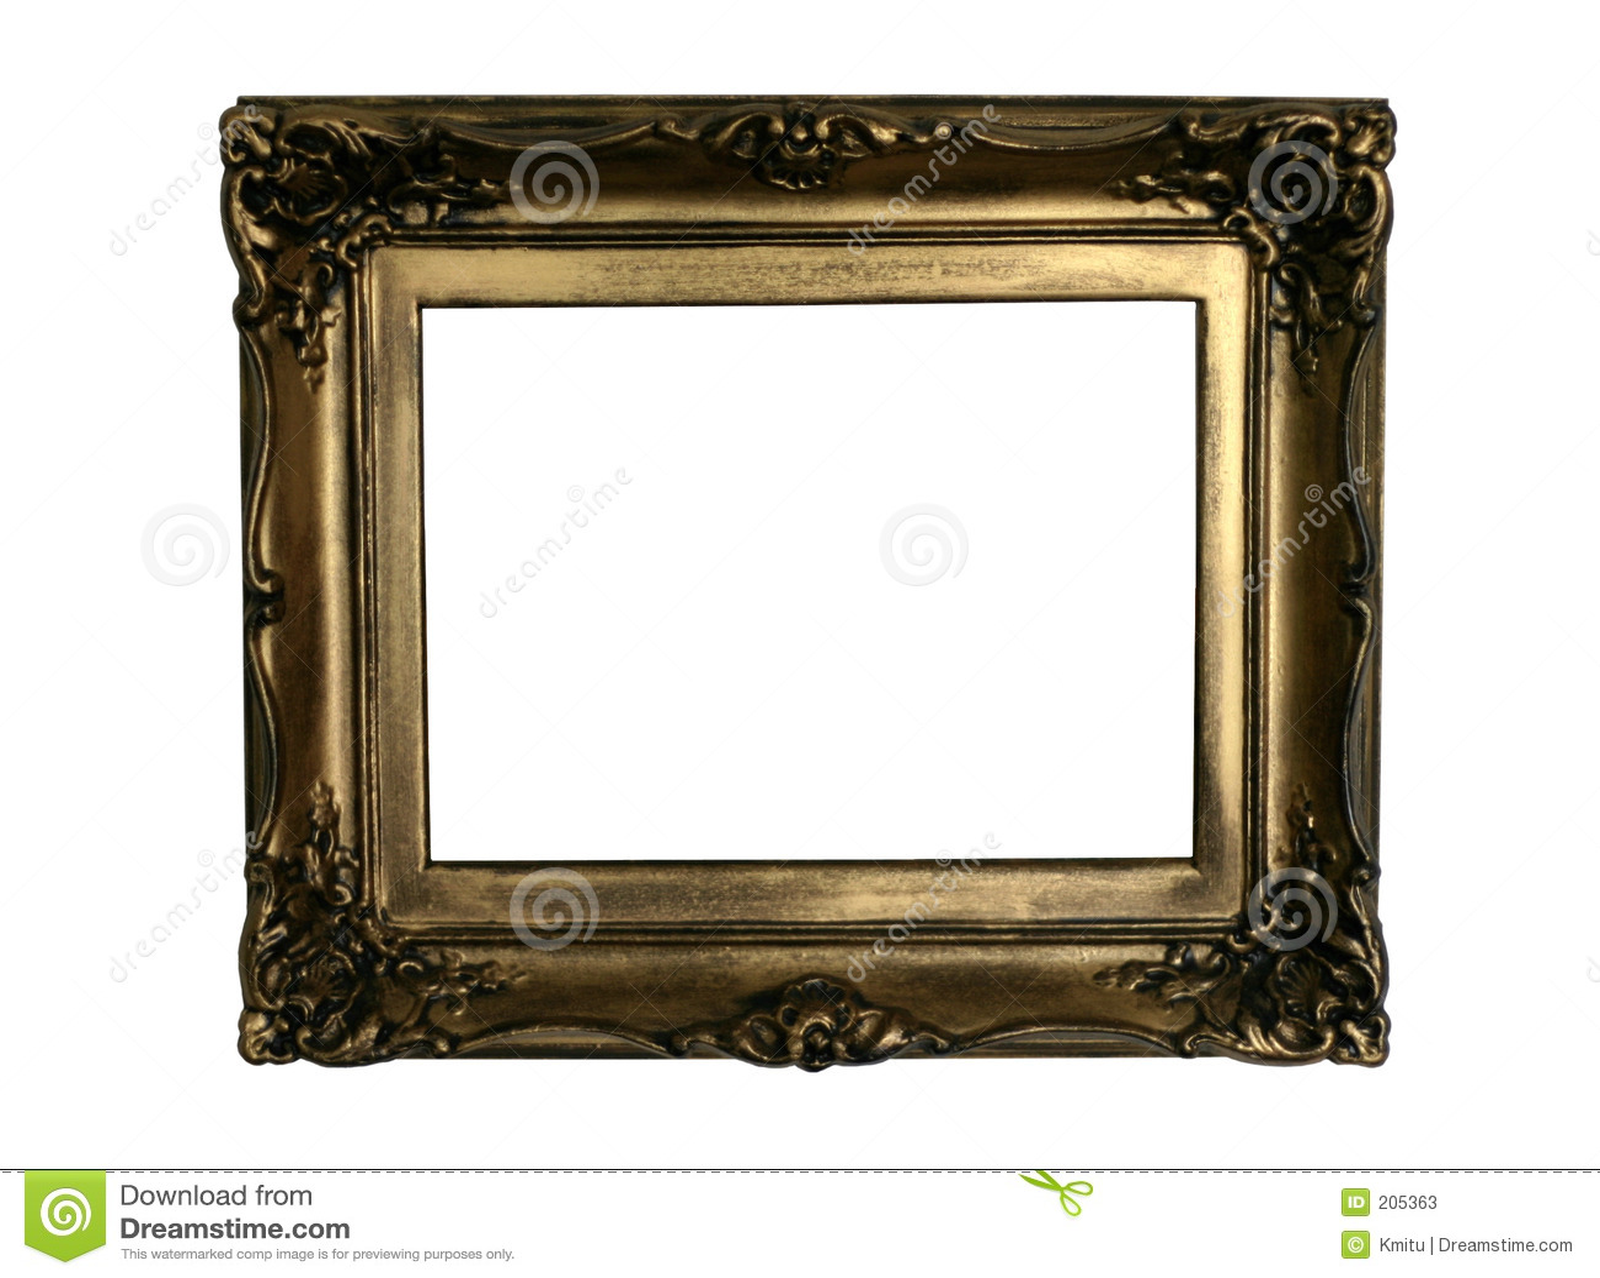 El Marco De Oro Antiguo Alista Para Completar Imagen De